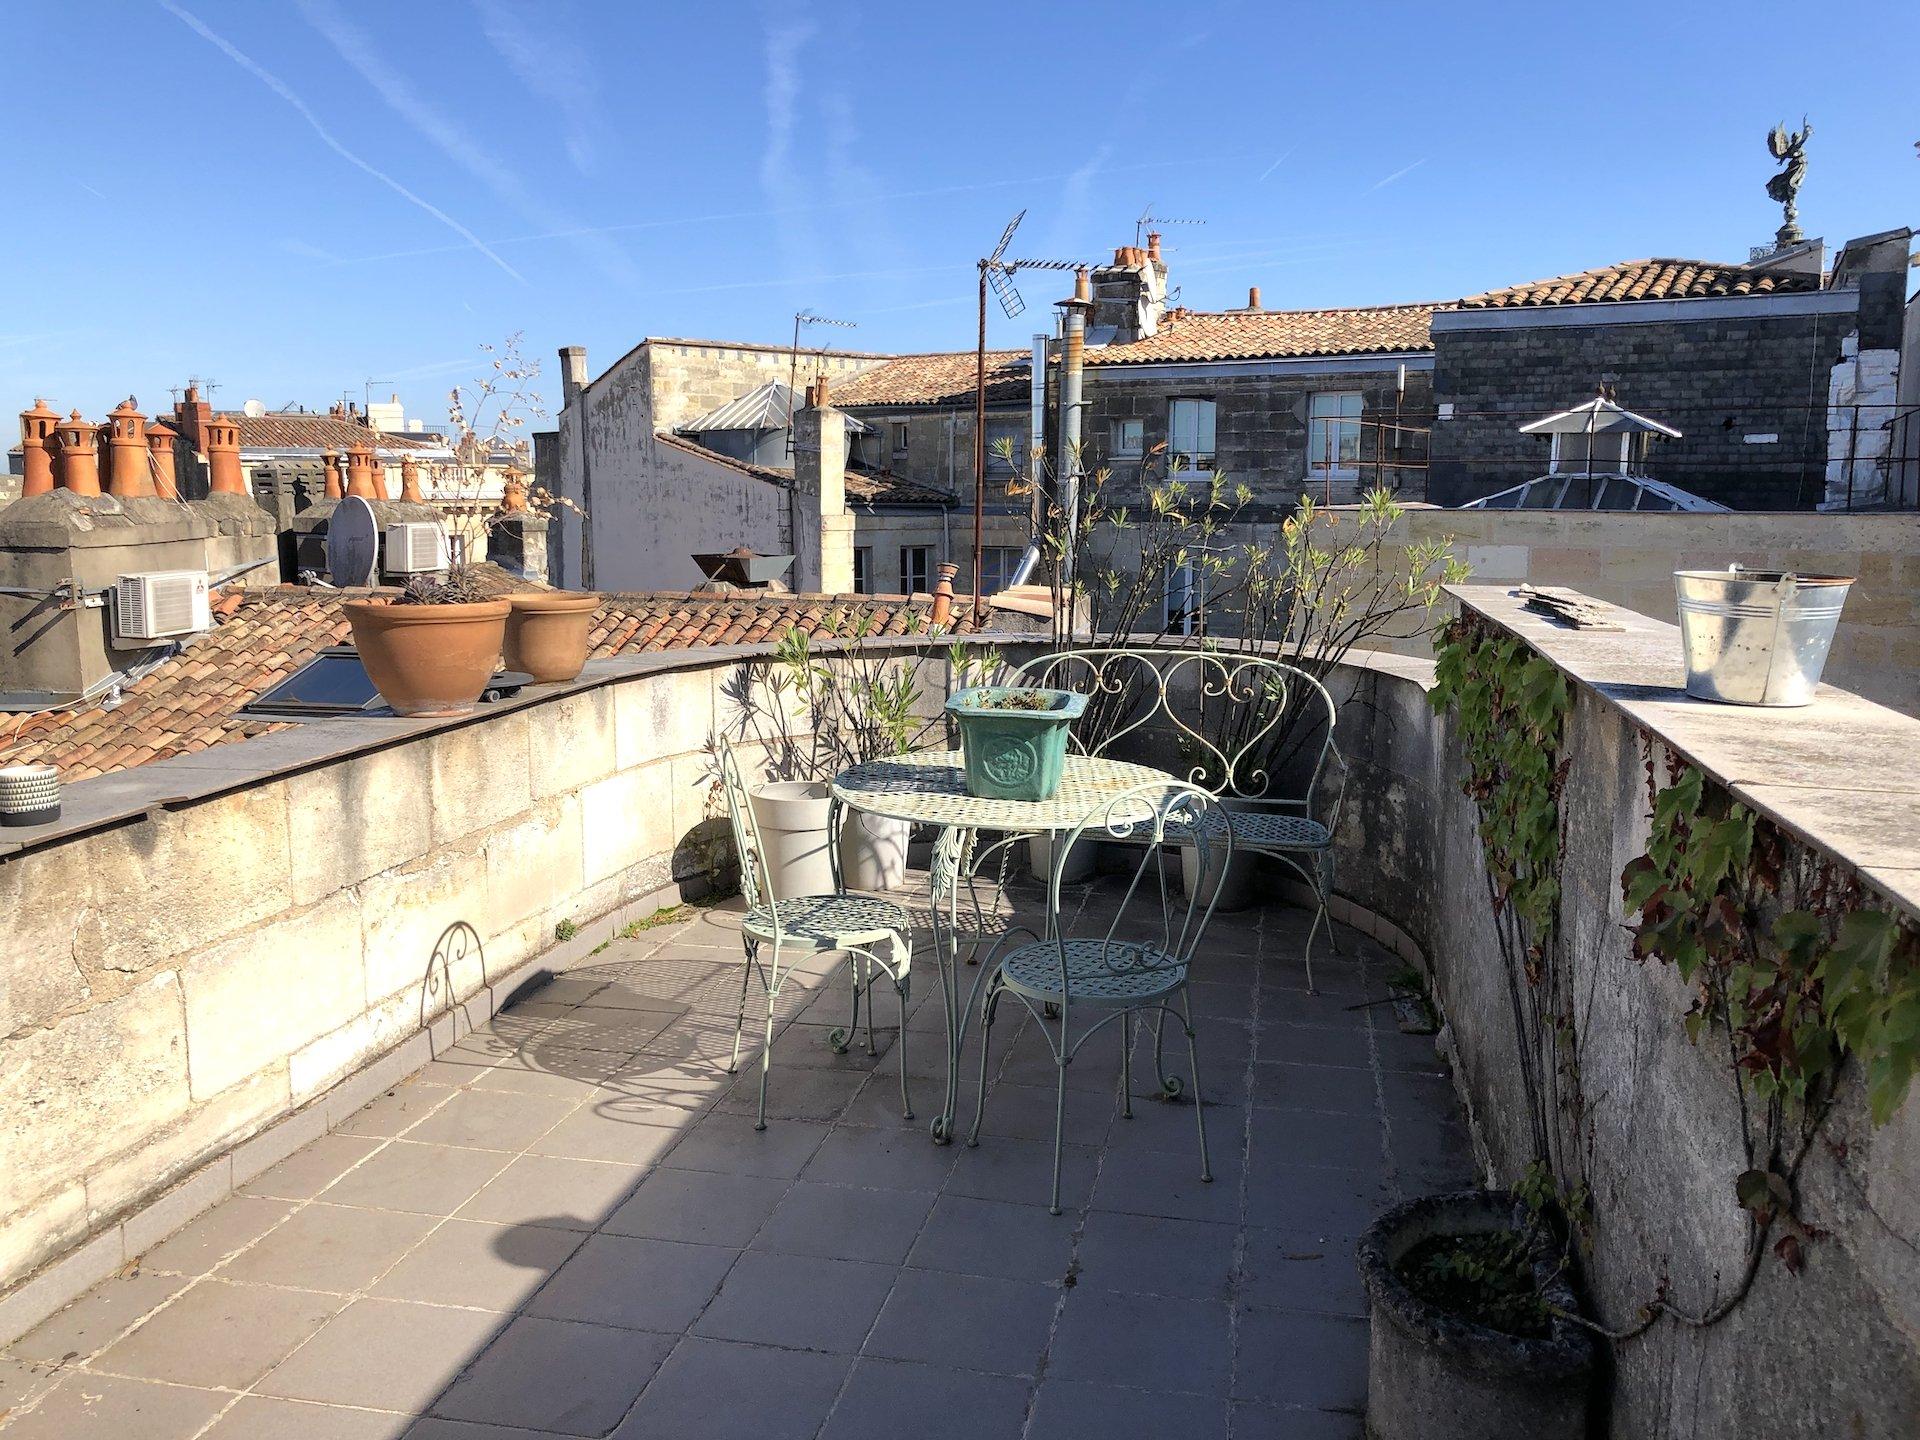 Appartement avec terrasse dernier étage à vendre à Bordeaux